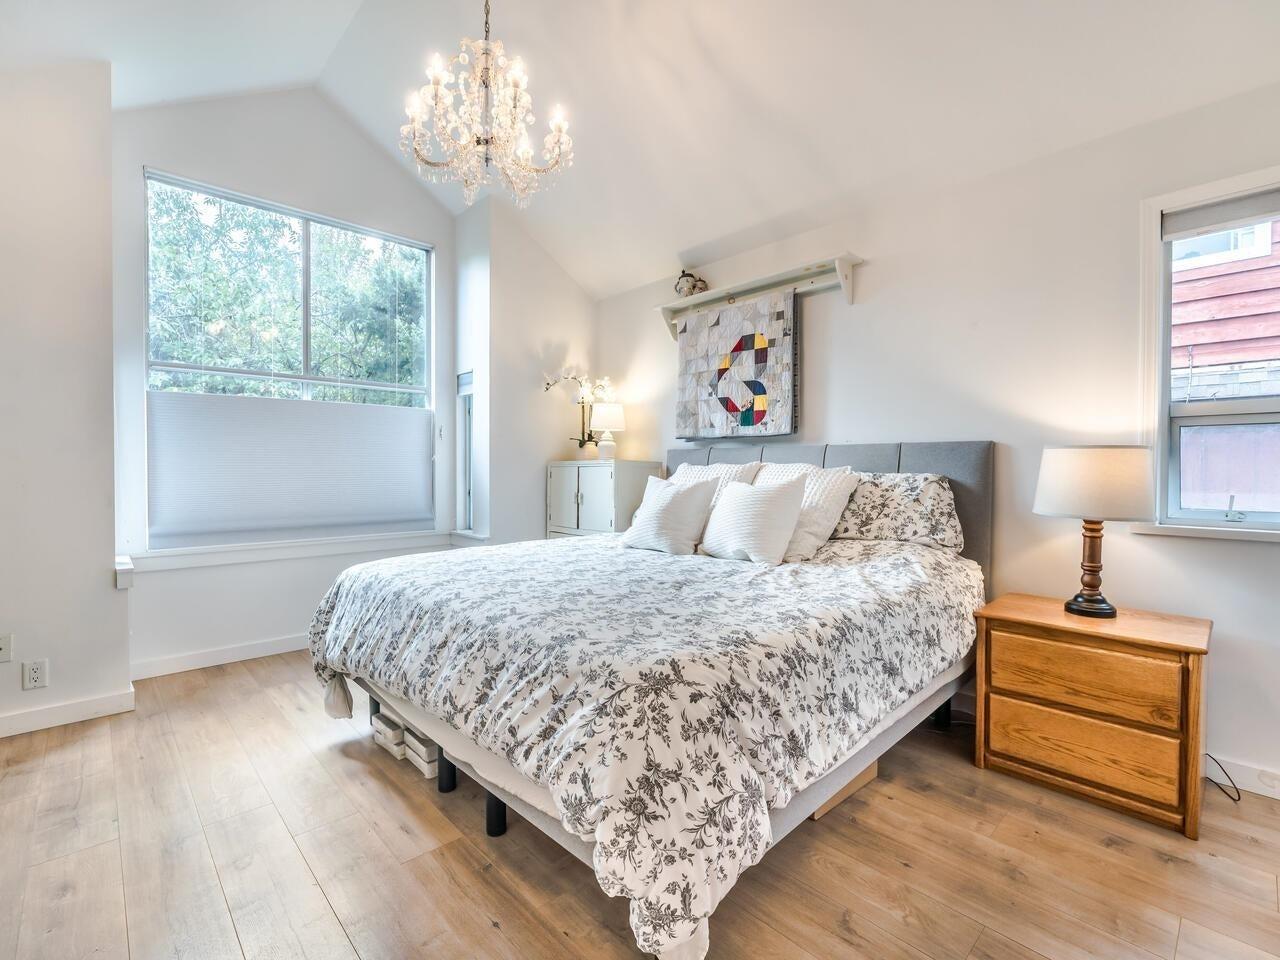 1231 E 11TH AVENUE - Mount Pleasant VE 1/2 Duplex for sale, 3 Bedrooms (R2625828) - #22